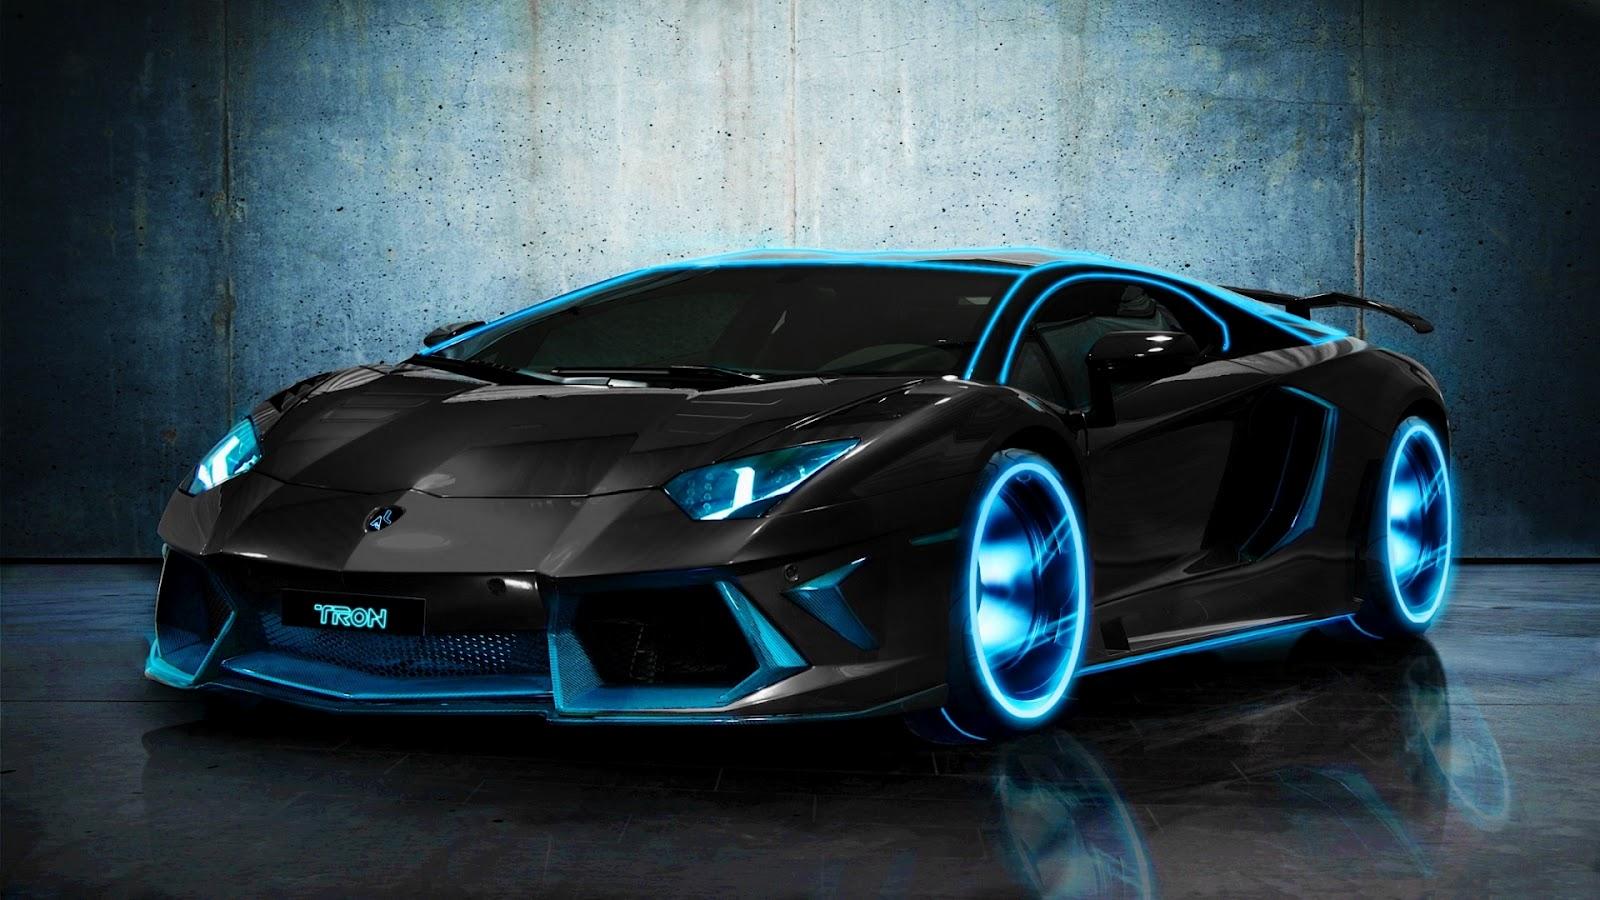 Download TRON Lamborghini Aventador HD Widescreen Lamborghini 1600x900